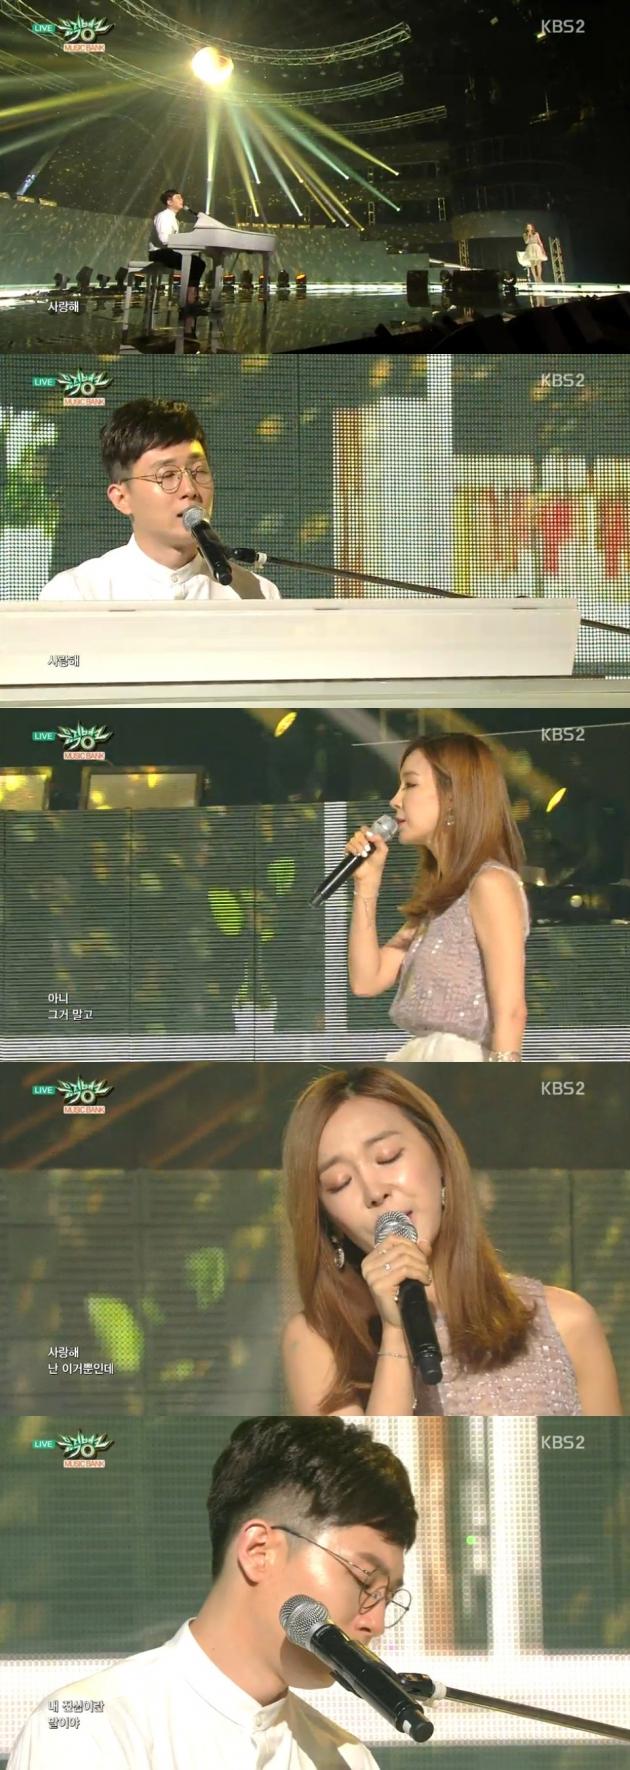 뮤직뱅크 이지혜 / 뮤직뱅크 사진=KBS2 제공